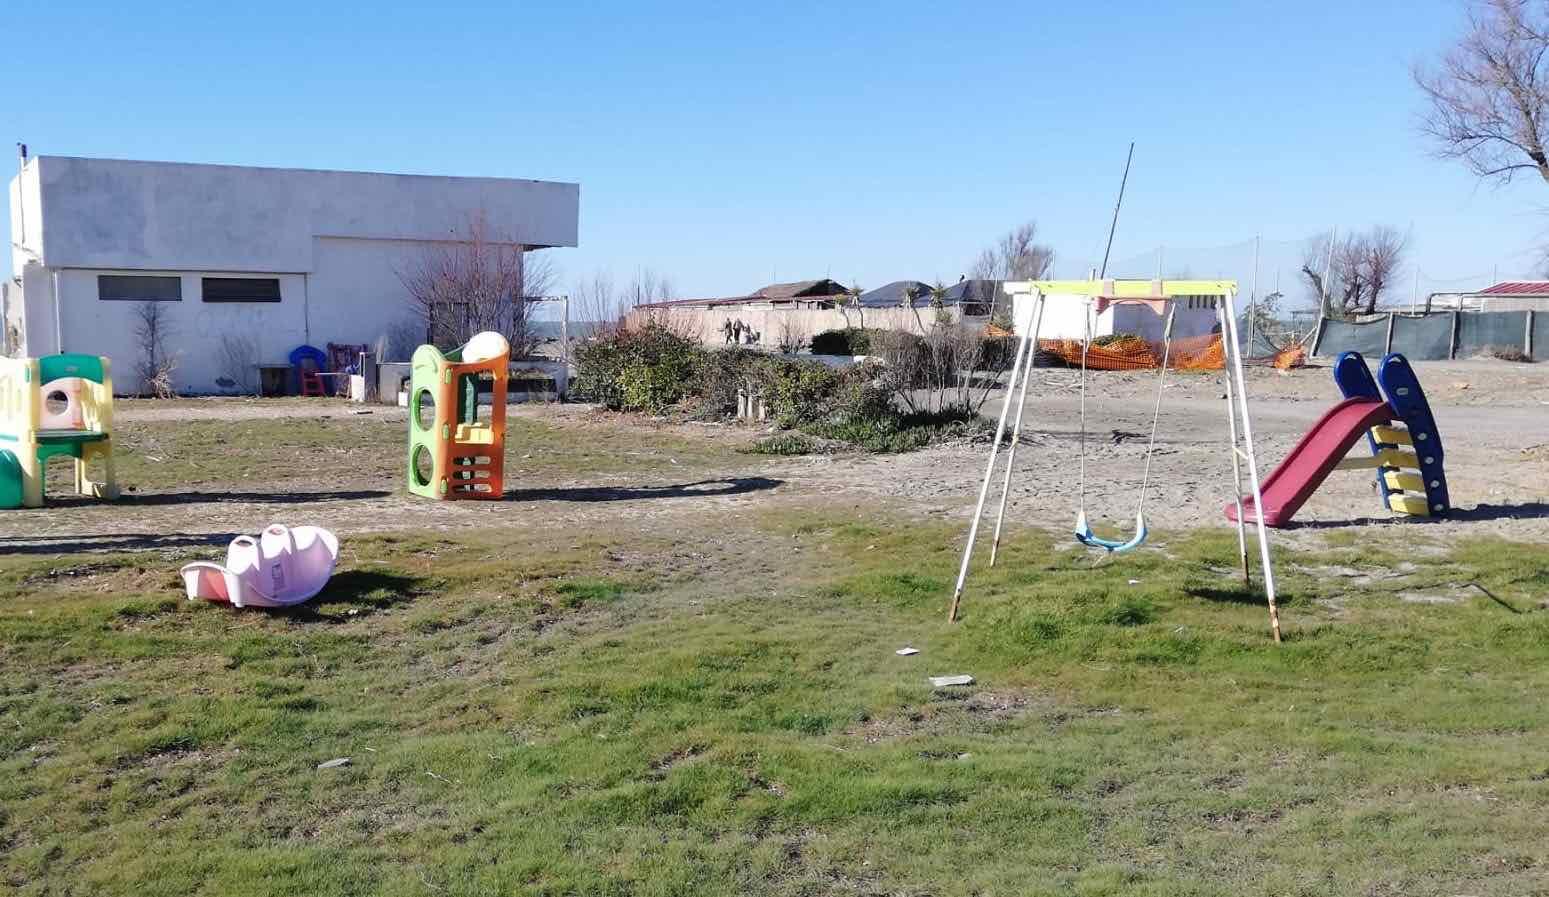 Il parco giochi è ormai inutilizzabile e i cittadini ne creano un altro sulla spiaggia. Ecco dove 1